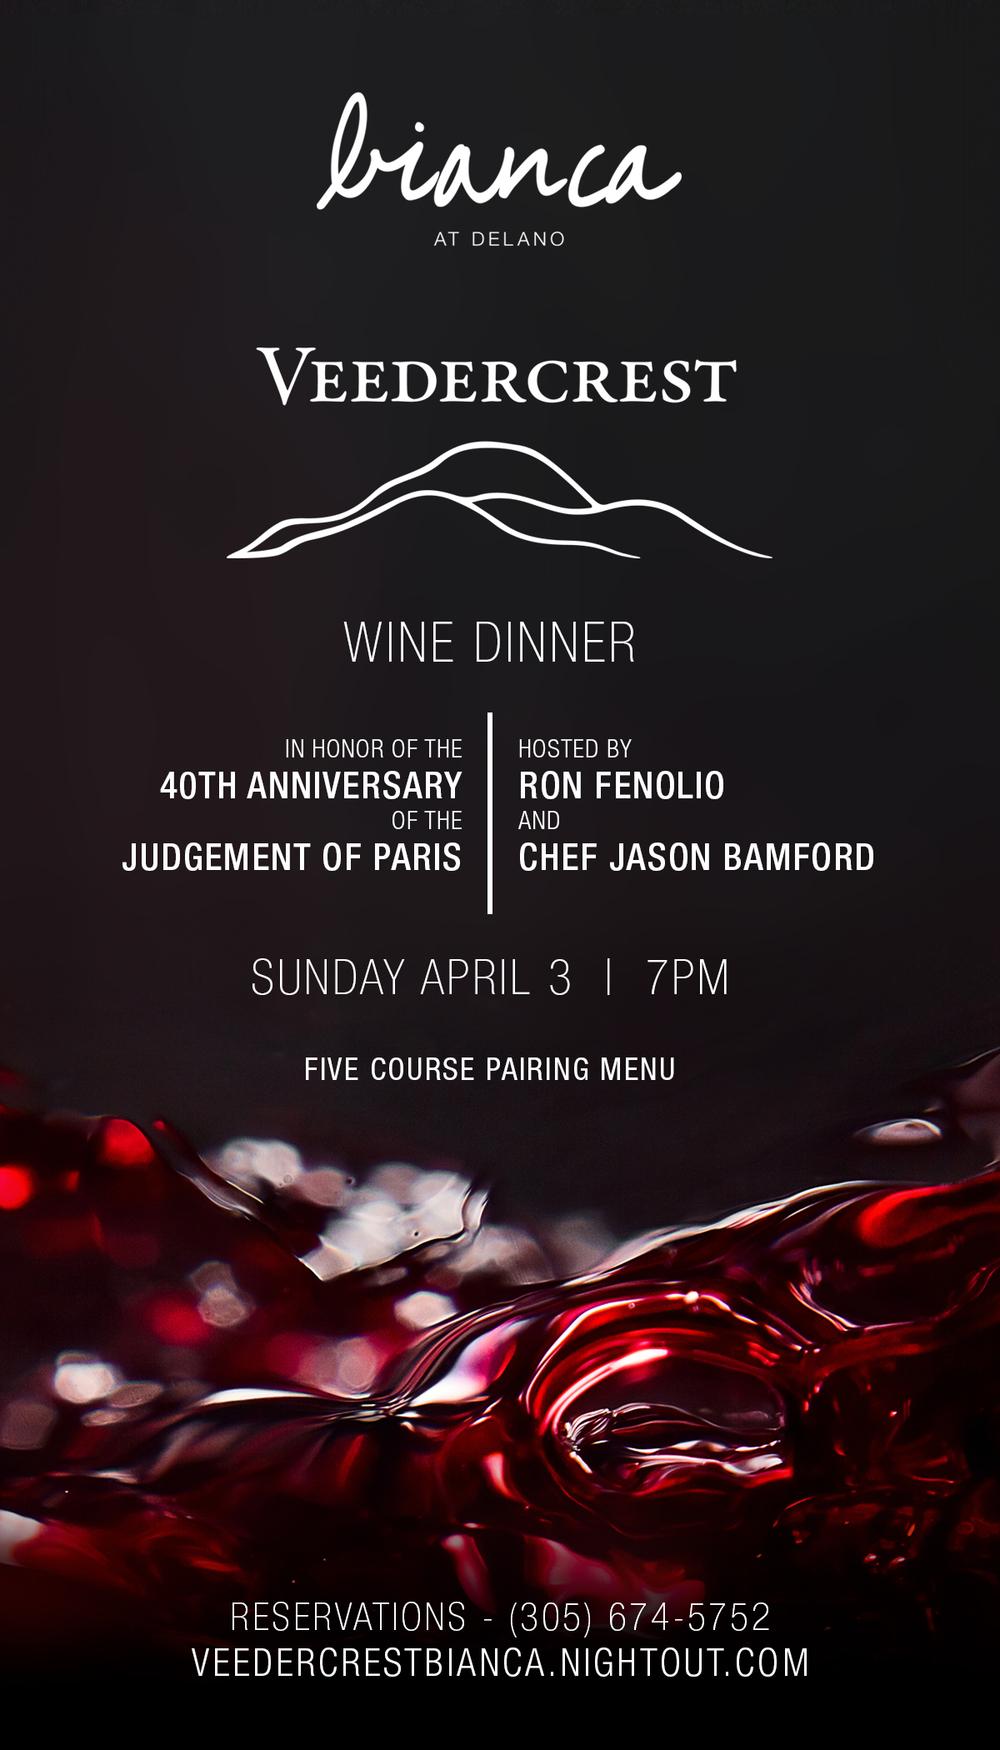 040316 Veedercrest Wine Dinner - 4x7.jpg